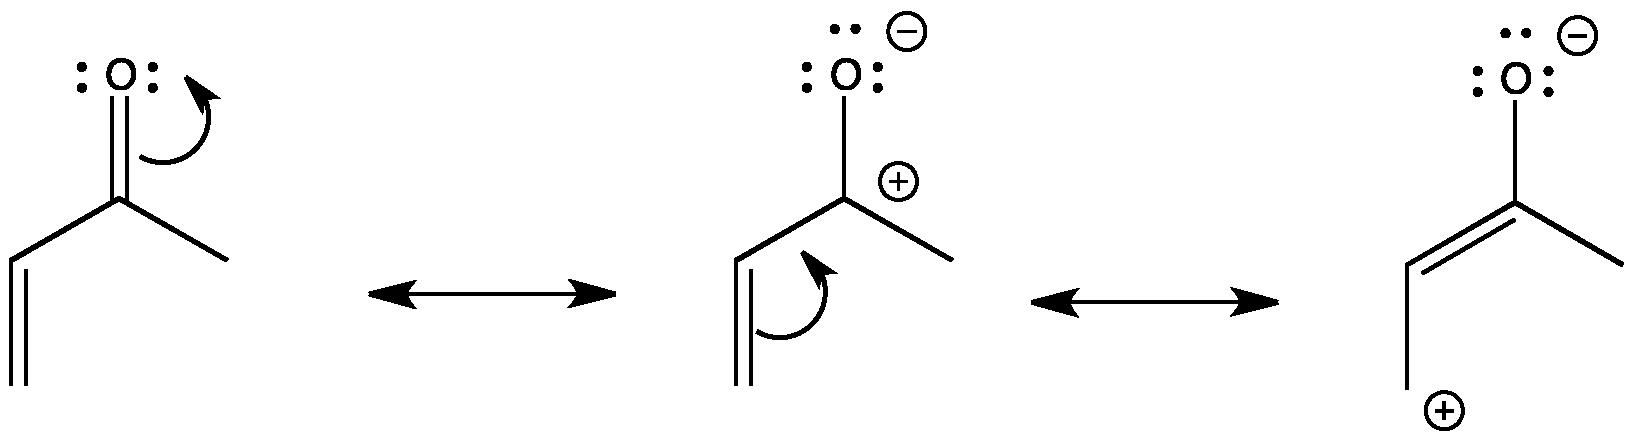 Co20 Conjugate Addition Elimination In Aromatics